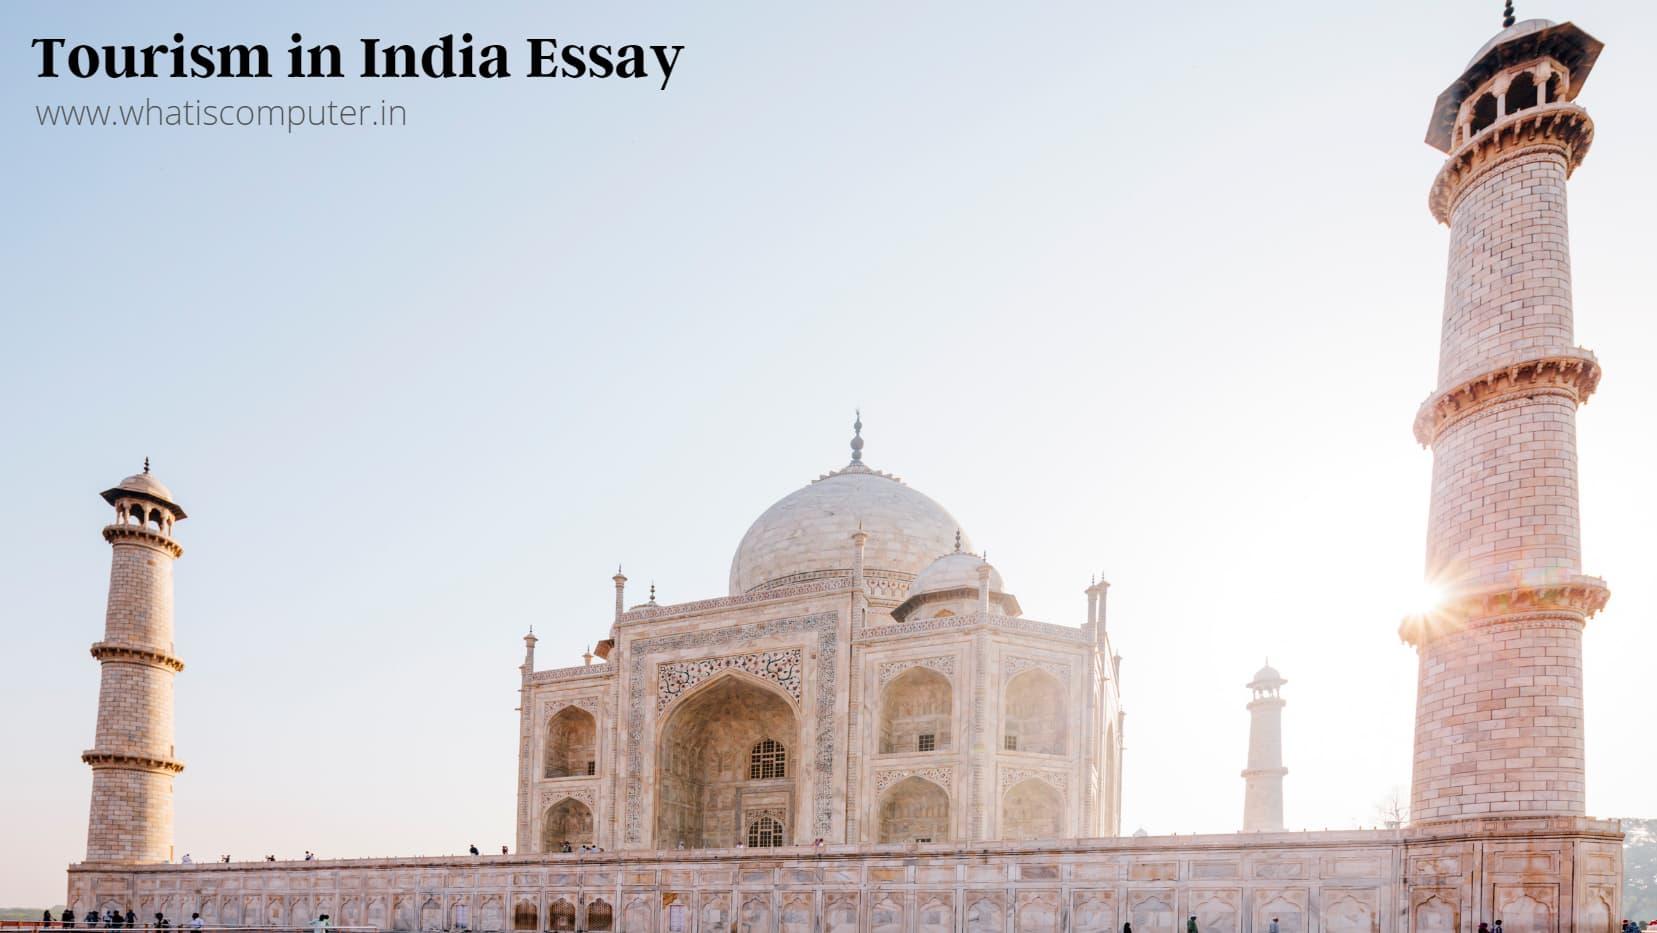 Tourism in India Essay